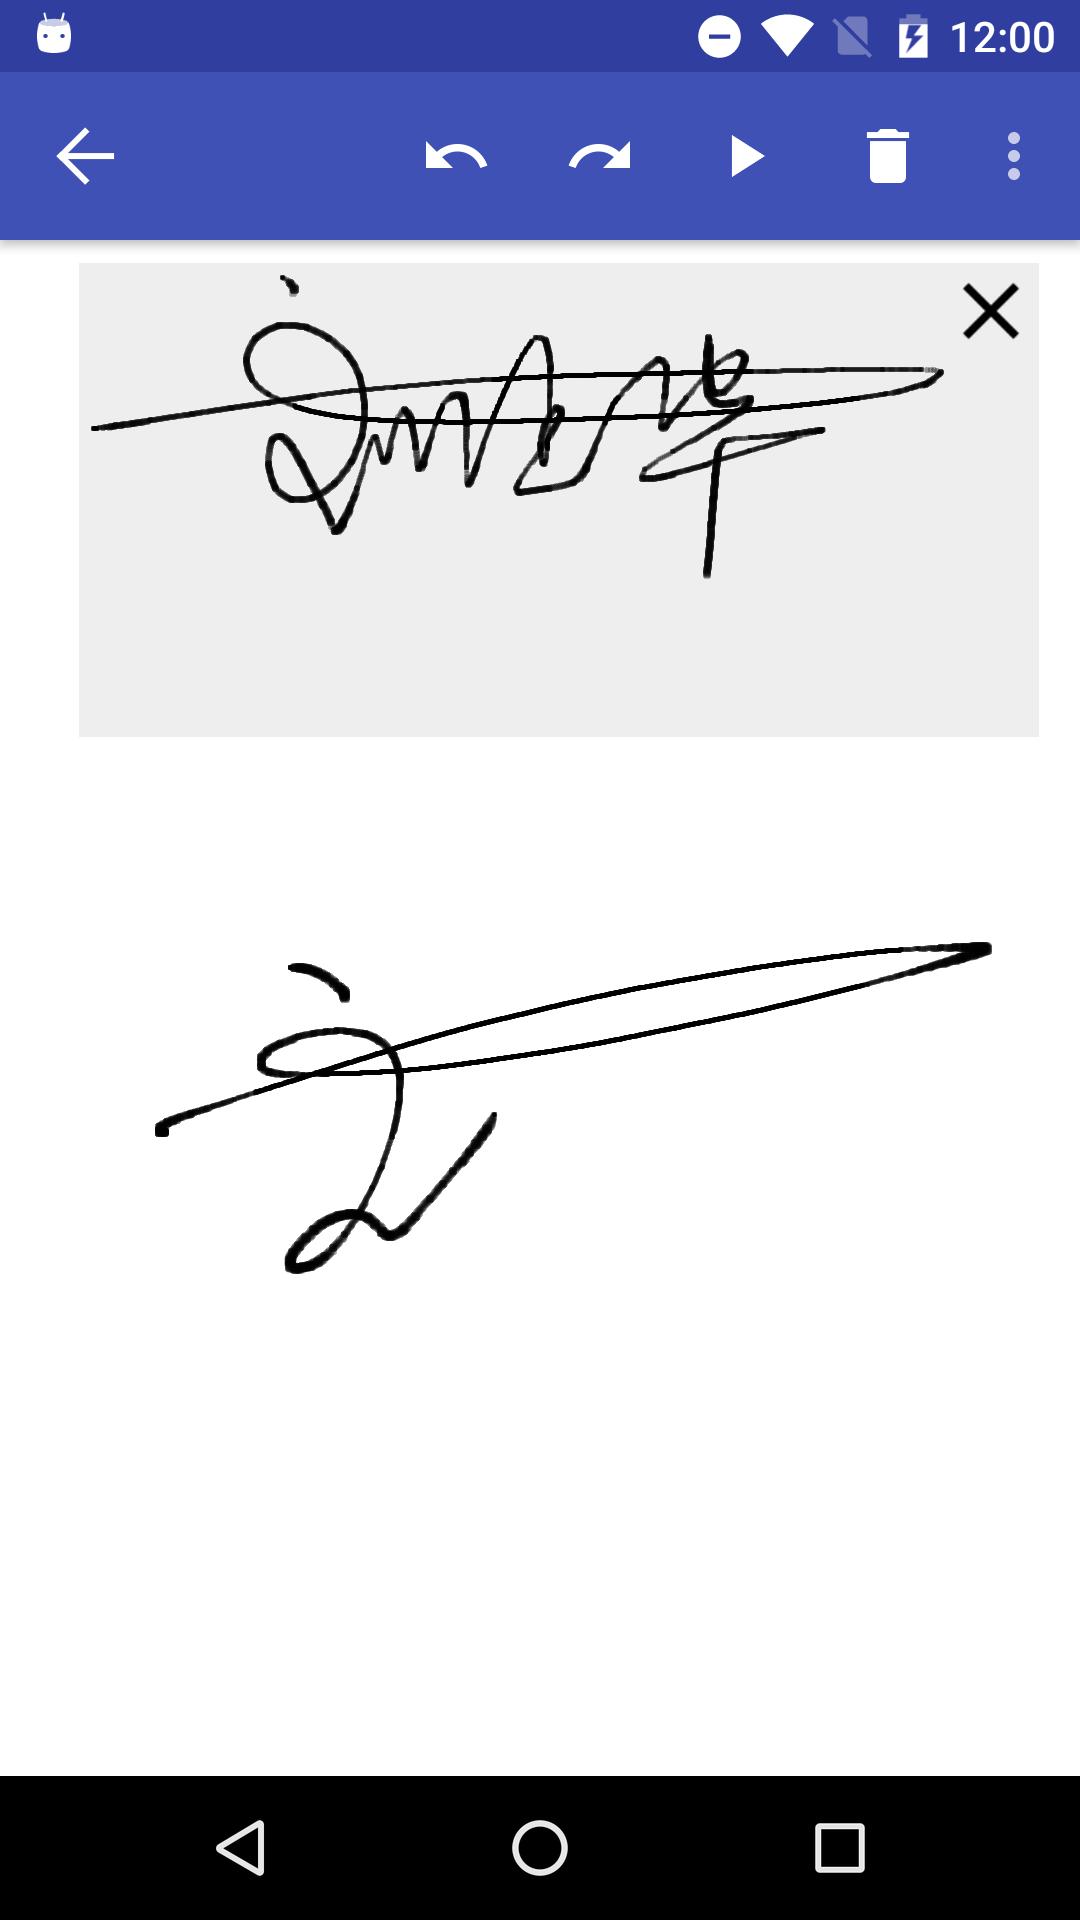 墨签艺术签名